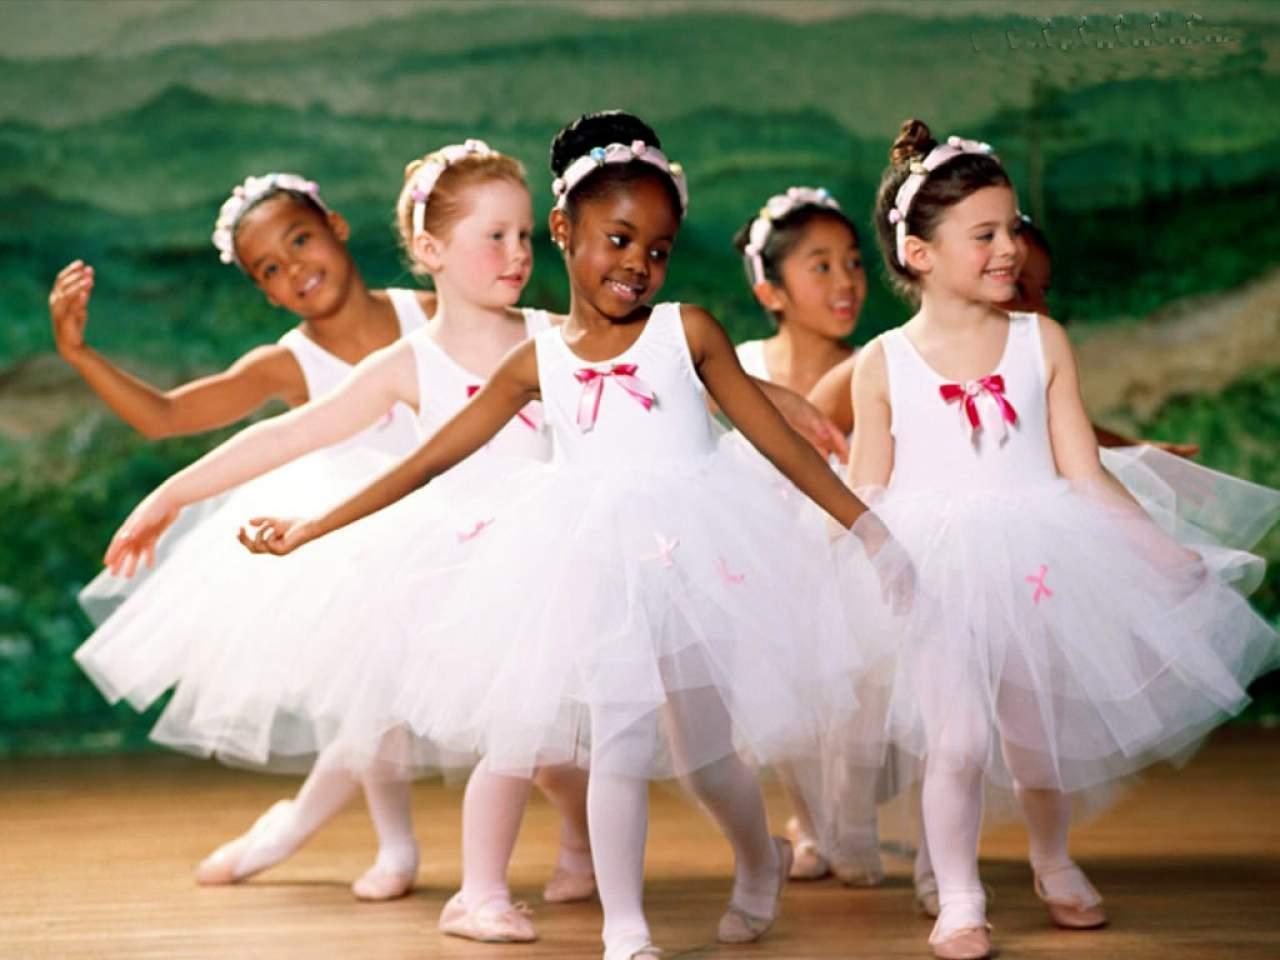 Ballerine si diventa: i benefici della danza per bambini